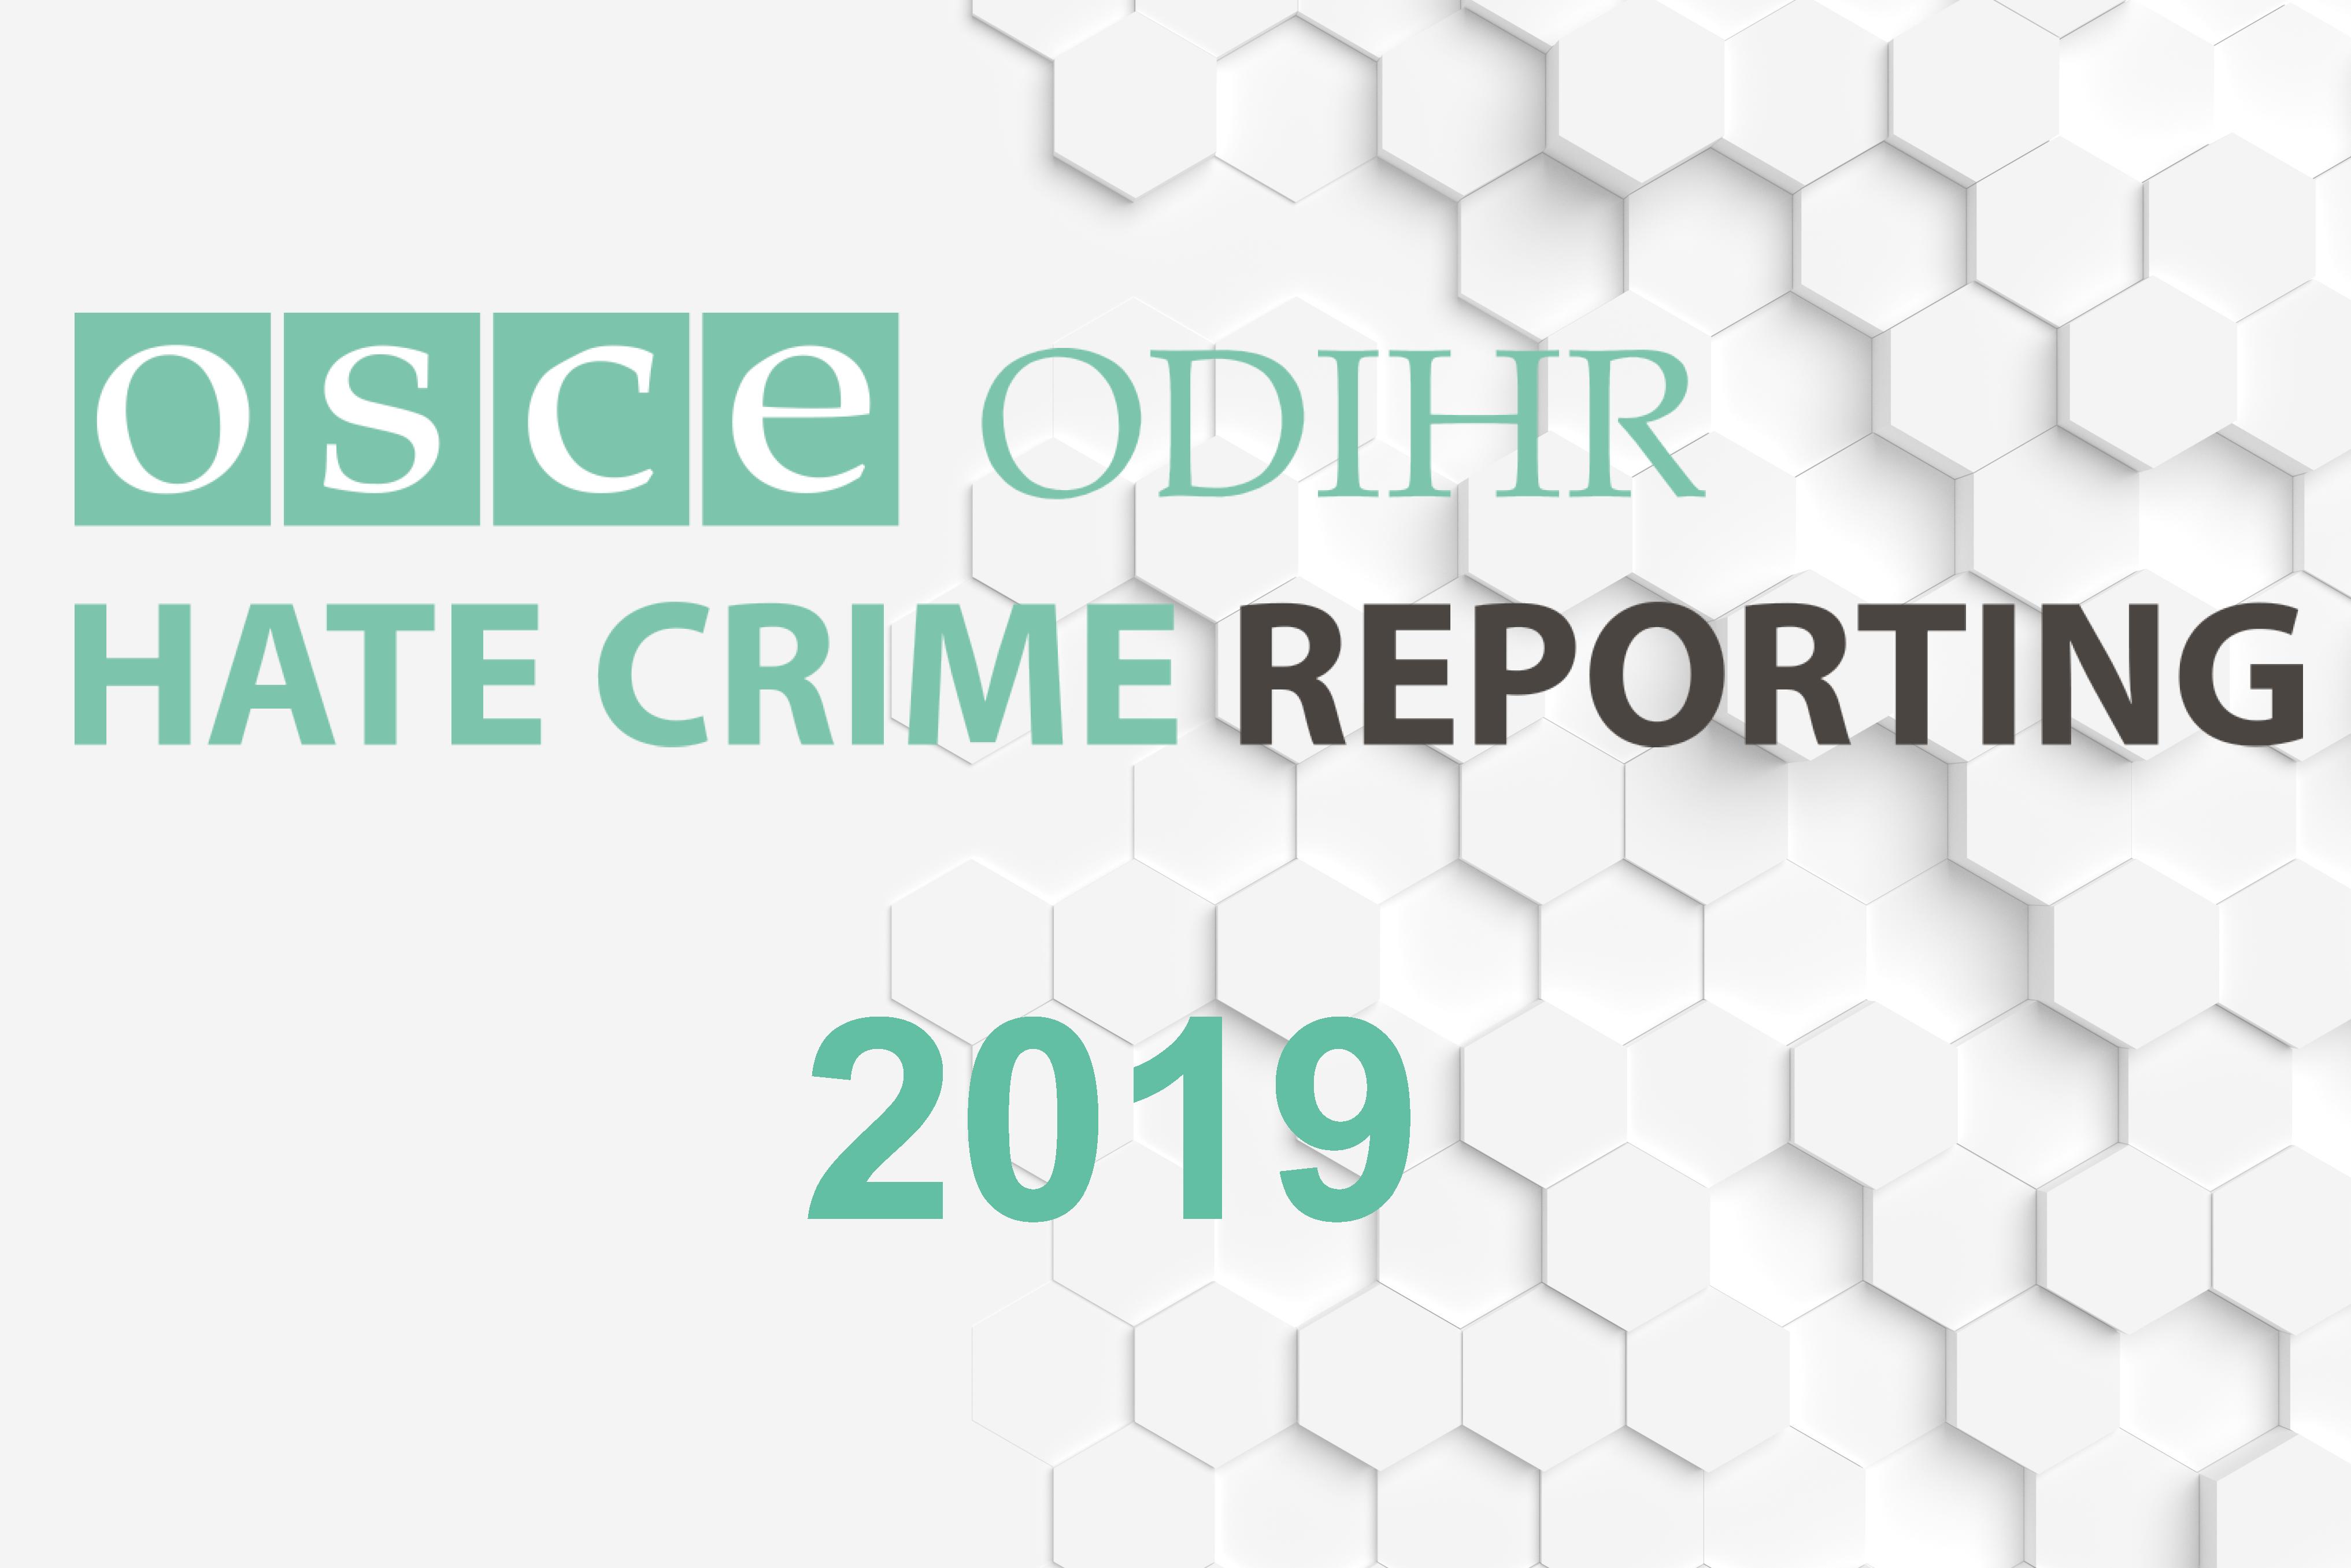 Nuova relazione dell'OSCE-ODIHR con i dati dell'Osservatorio antisemitismo